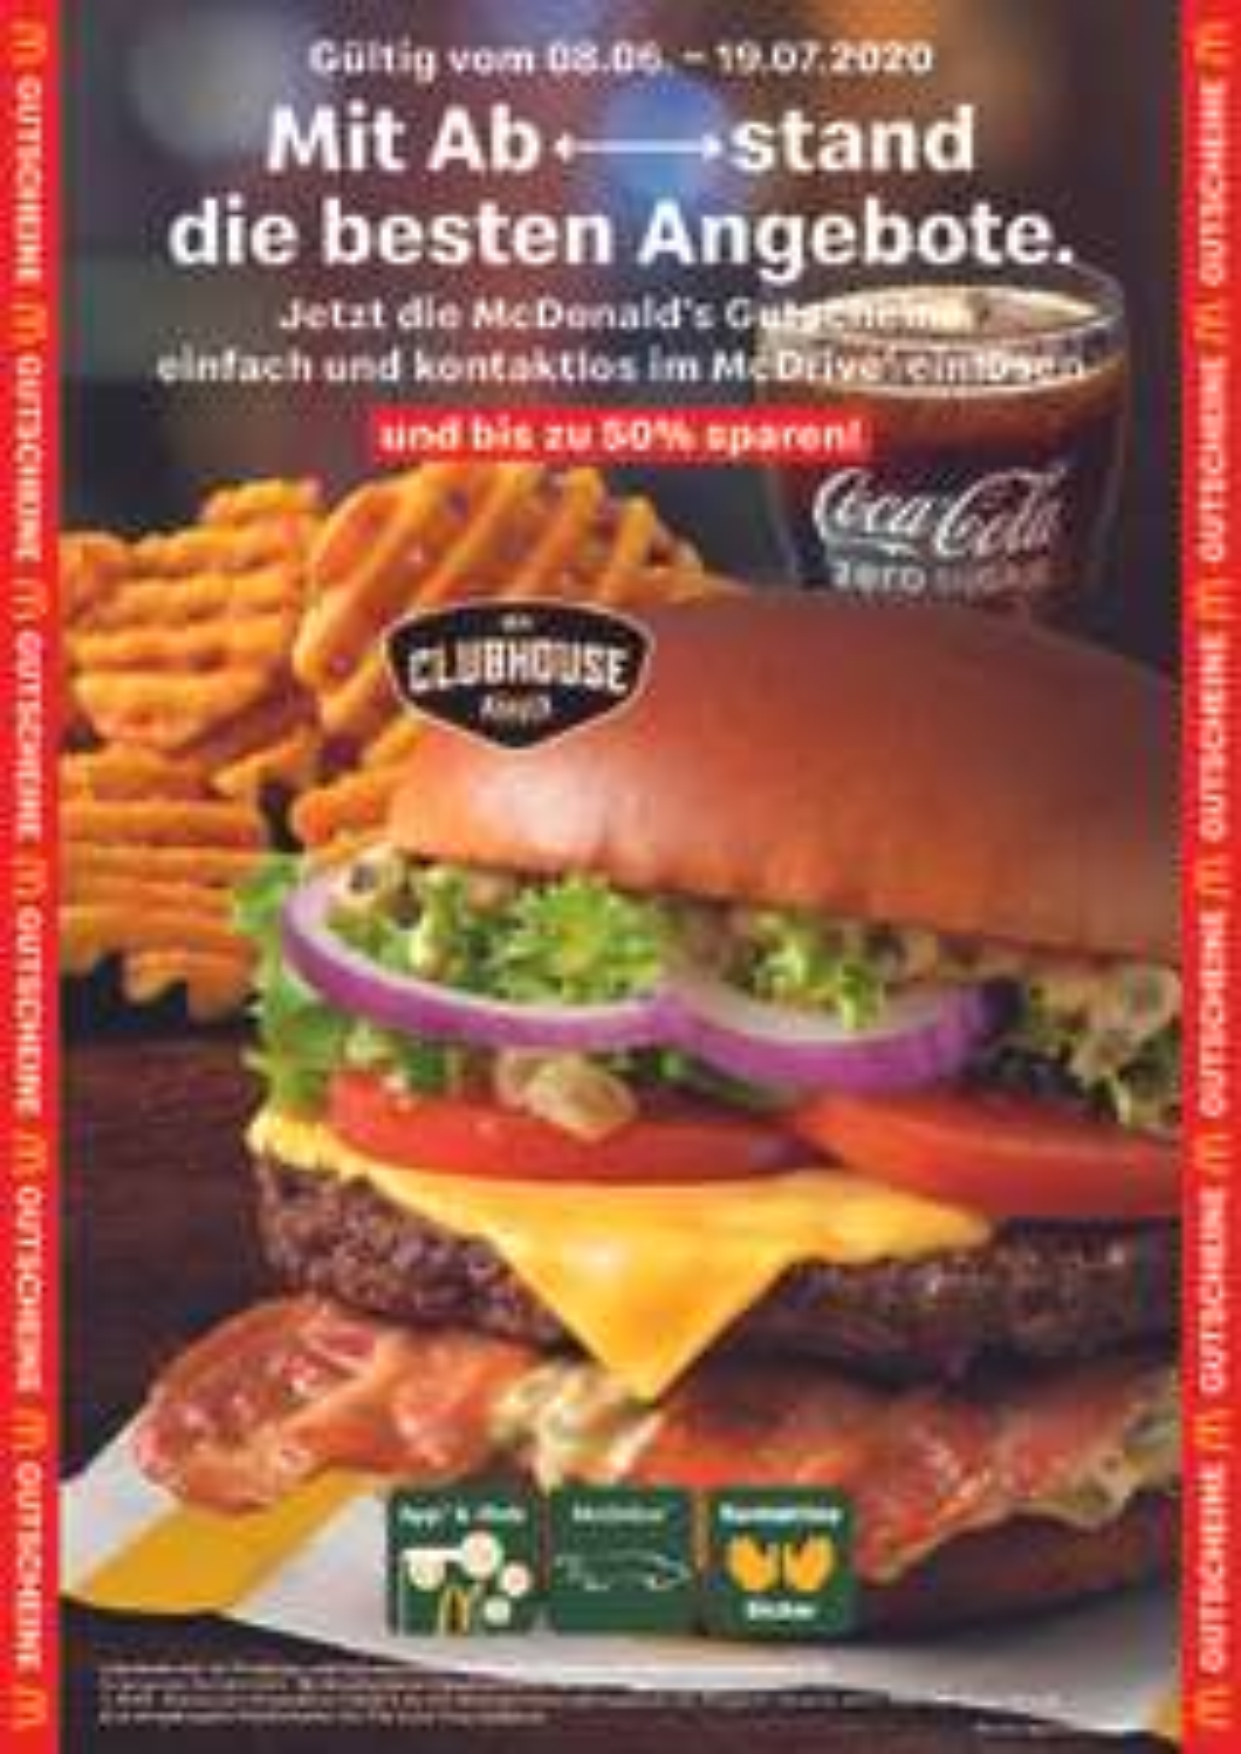 [McDonald's - Coupons vom 02.06. - 19.07.] z.B. 20er Chicken McNuggets - 4,99€ | 2für1 BigMac | 3€ Gutschein (MBW 10€) für McDelivery